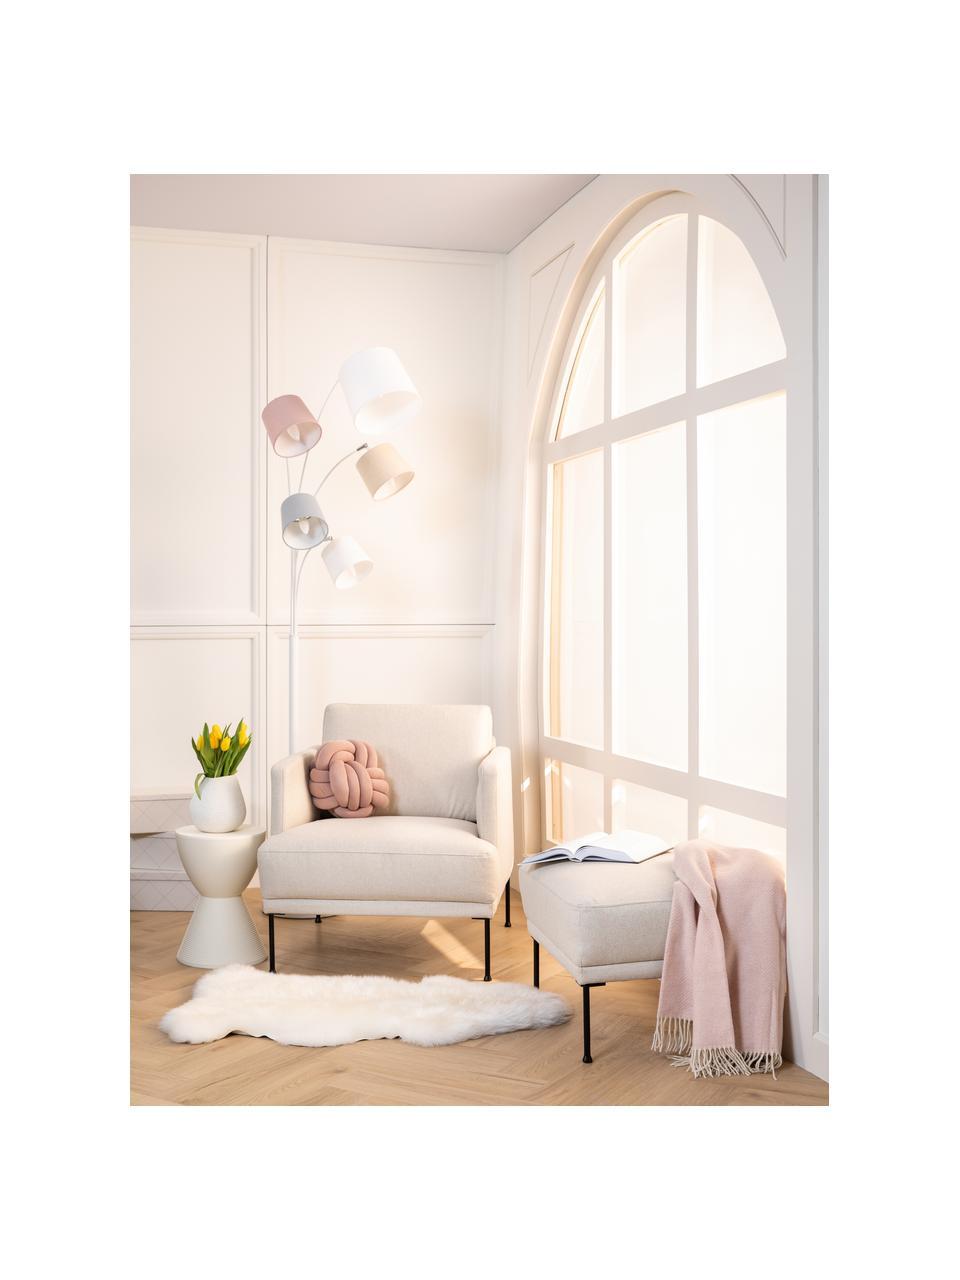 Tabouret/repose-pieds beige Fluente, Tissu beige